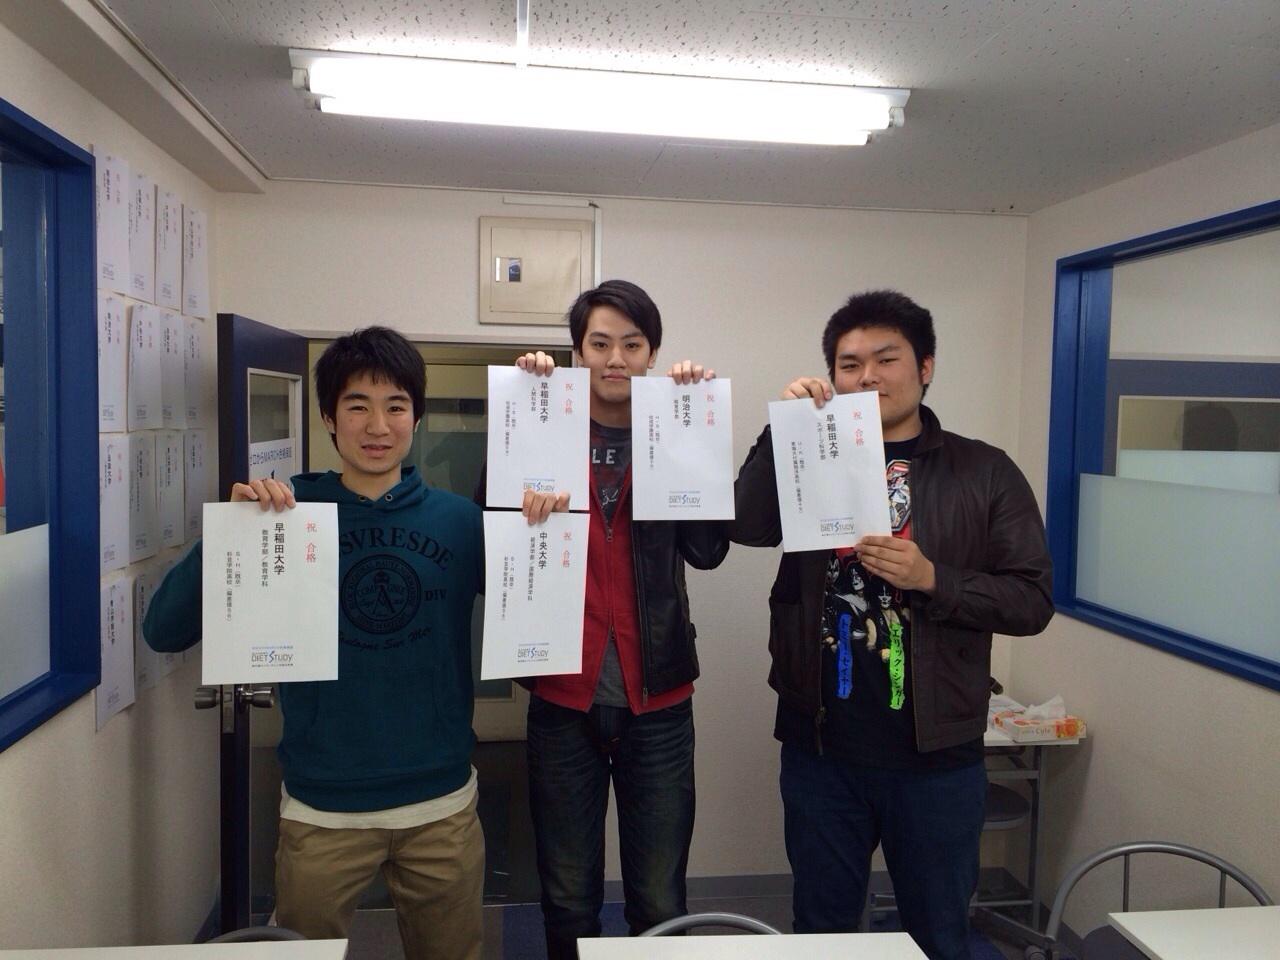 早稲田合格者3人写真